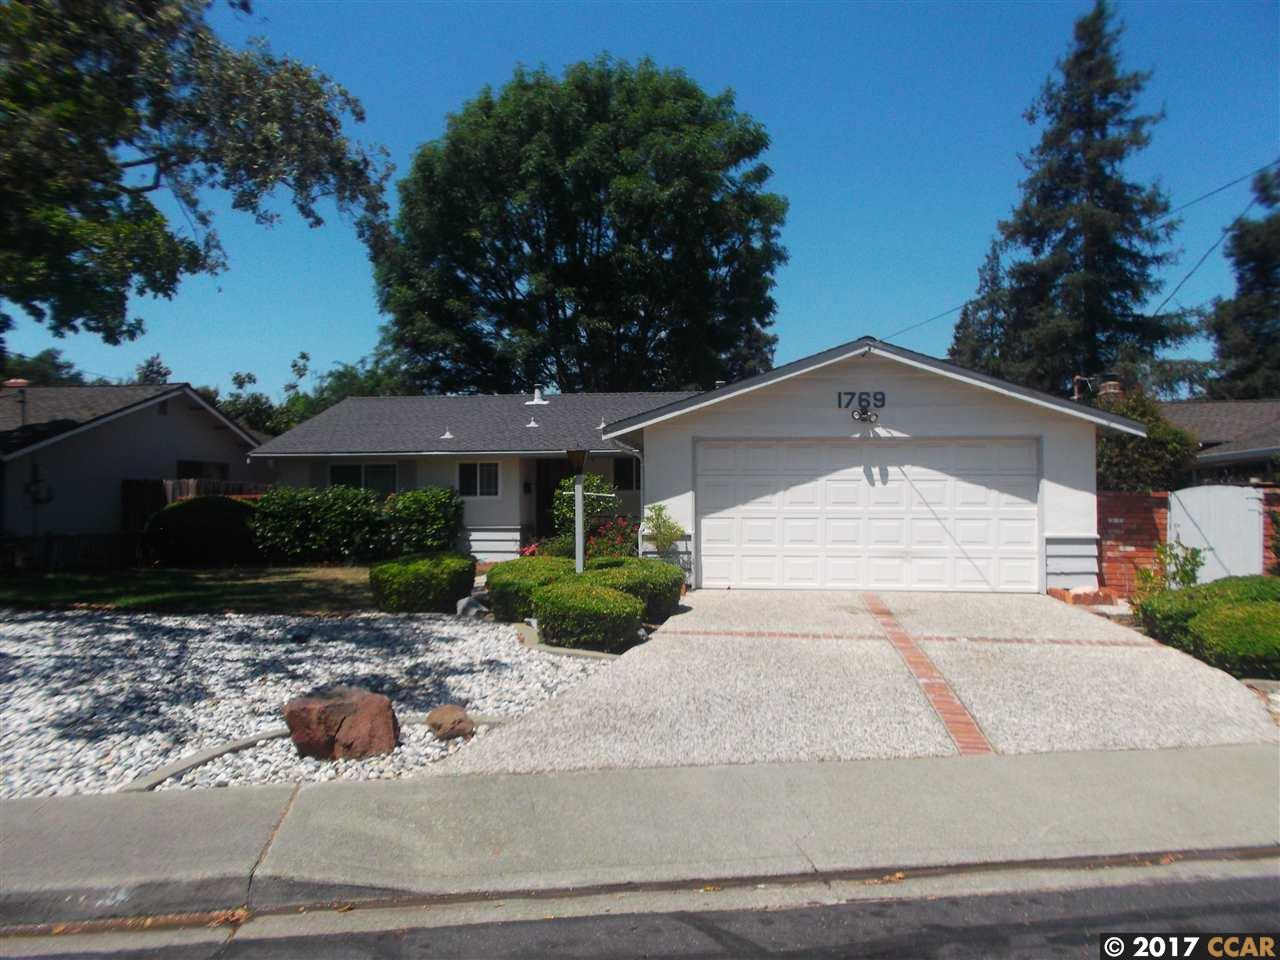 1769 Live Oak Ave, CONCORD, CA 94521